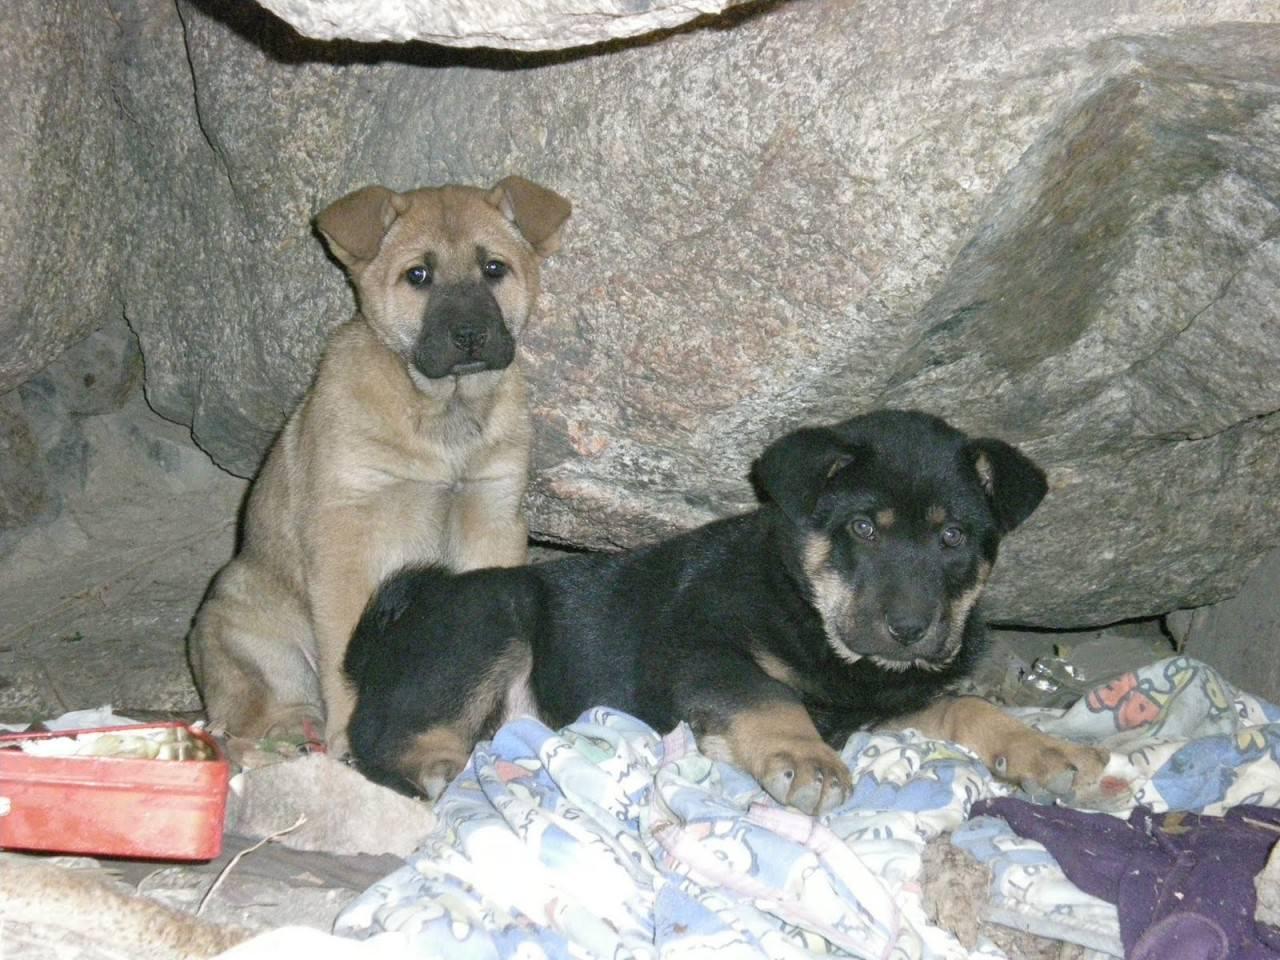 「沙沙豬」曾是獅子山上數百隻這流浪狗之一,當時也曾餓至飢不擇食而吃泥沙。(NPV提供)